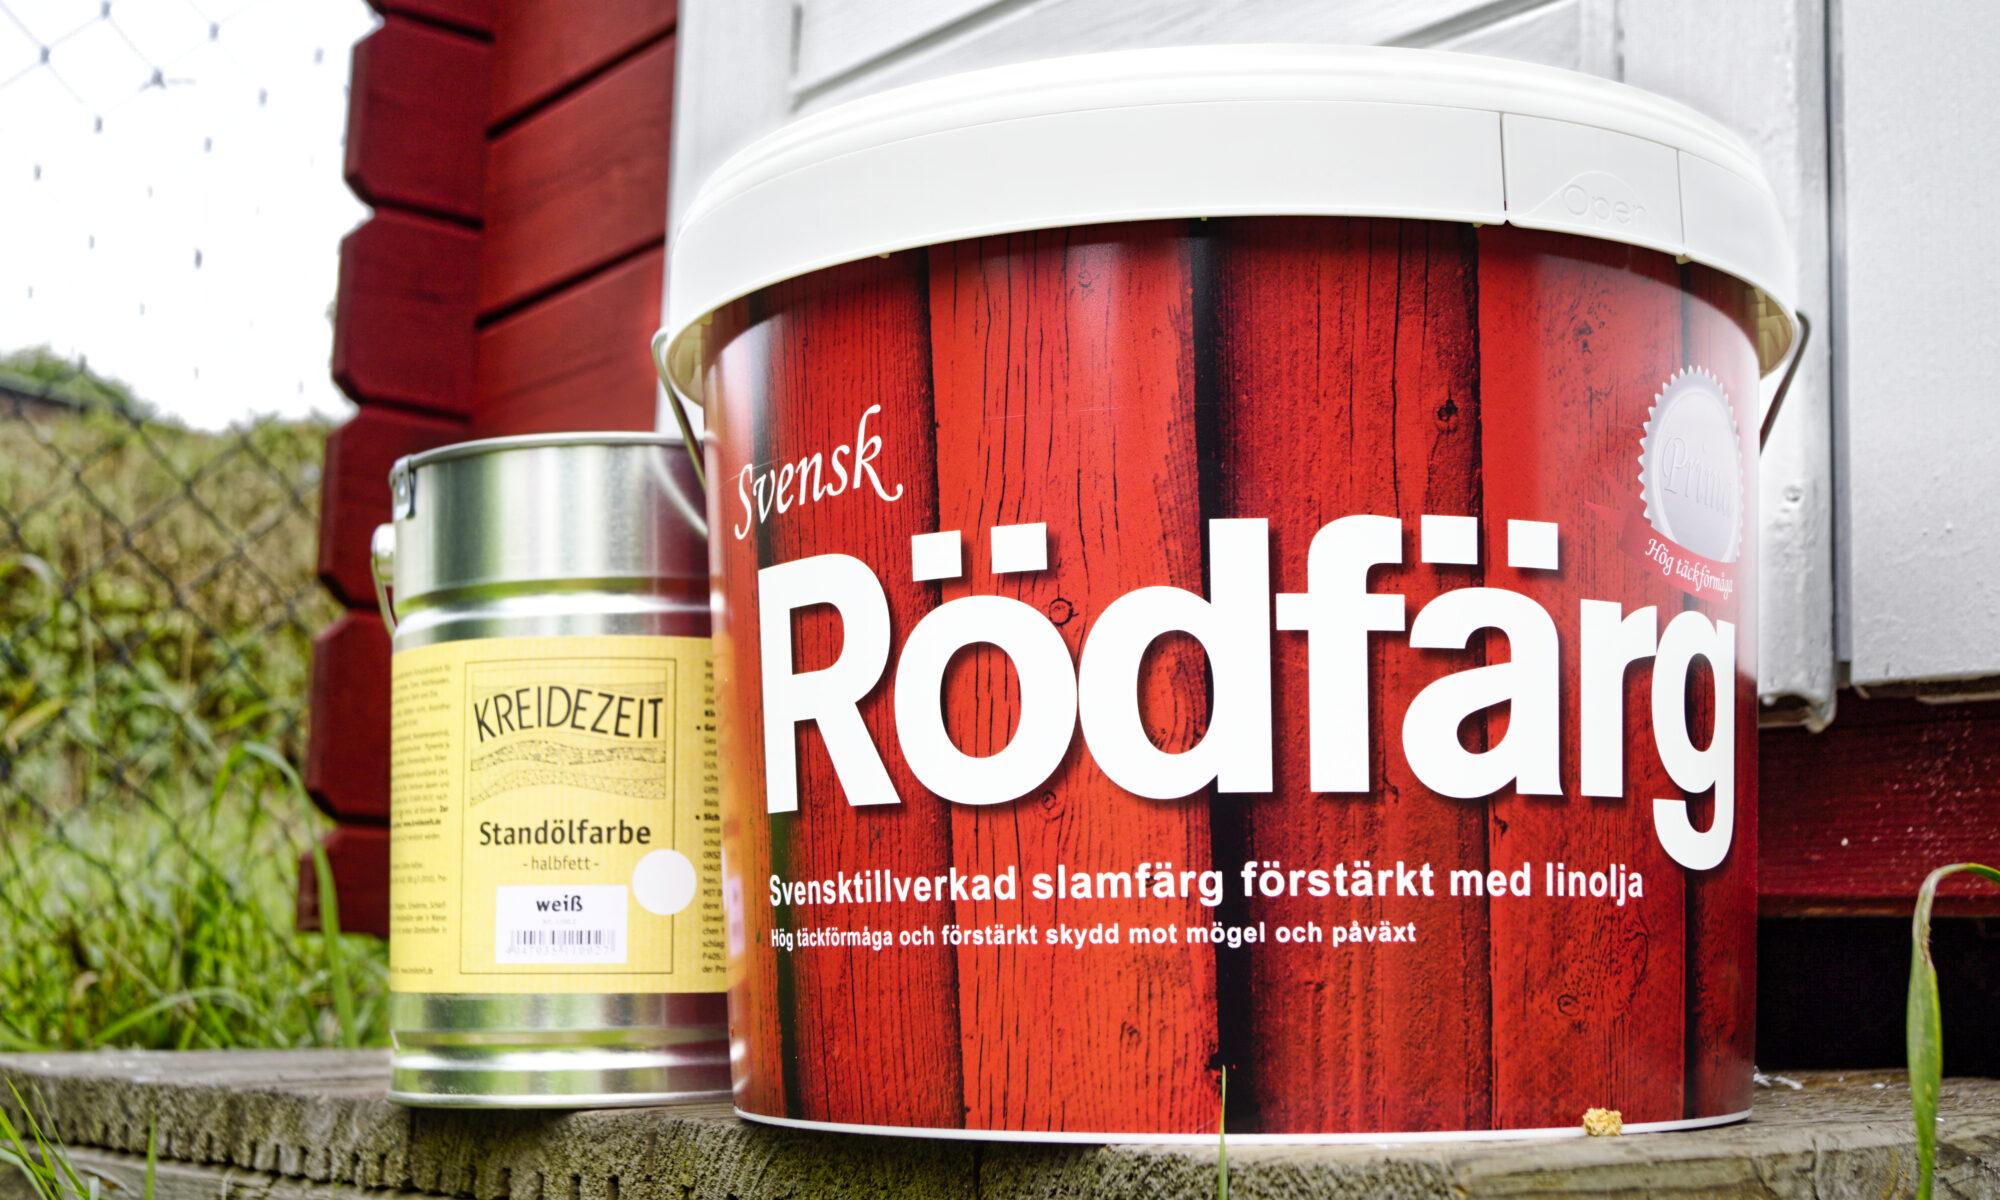 Svensk Rödfärg Produktbild